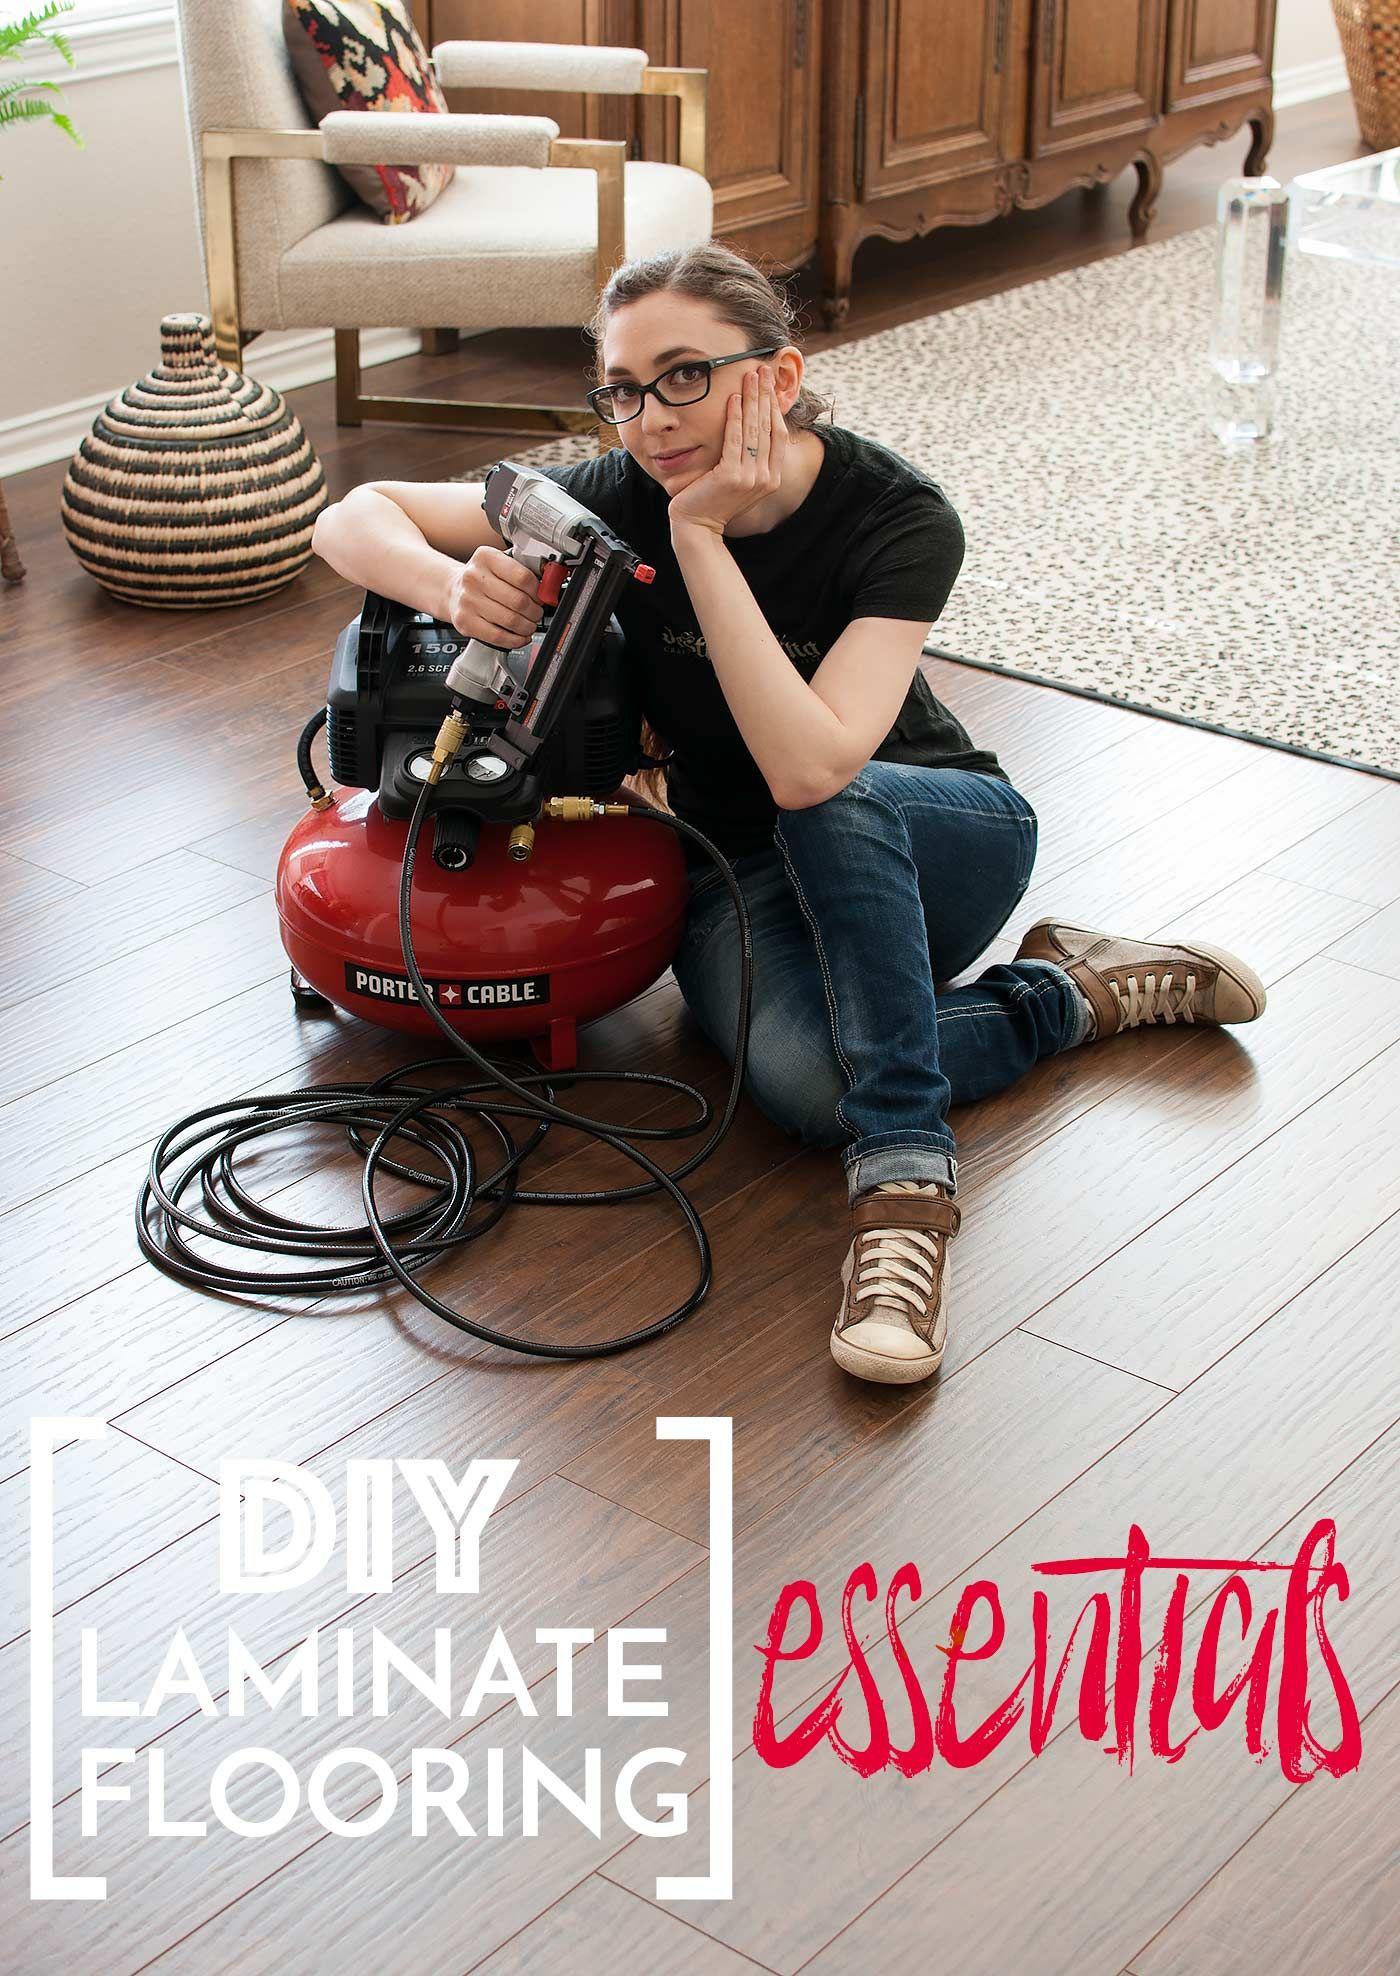 DIY Laminate Flooring Essentials Laminate flooring